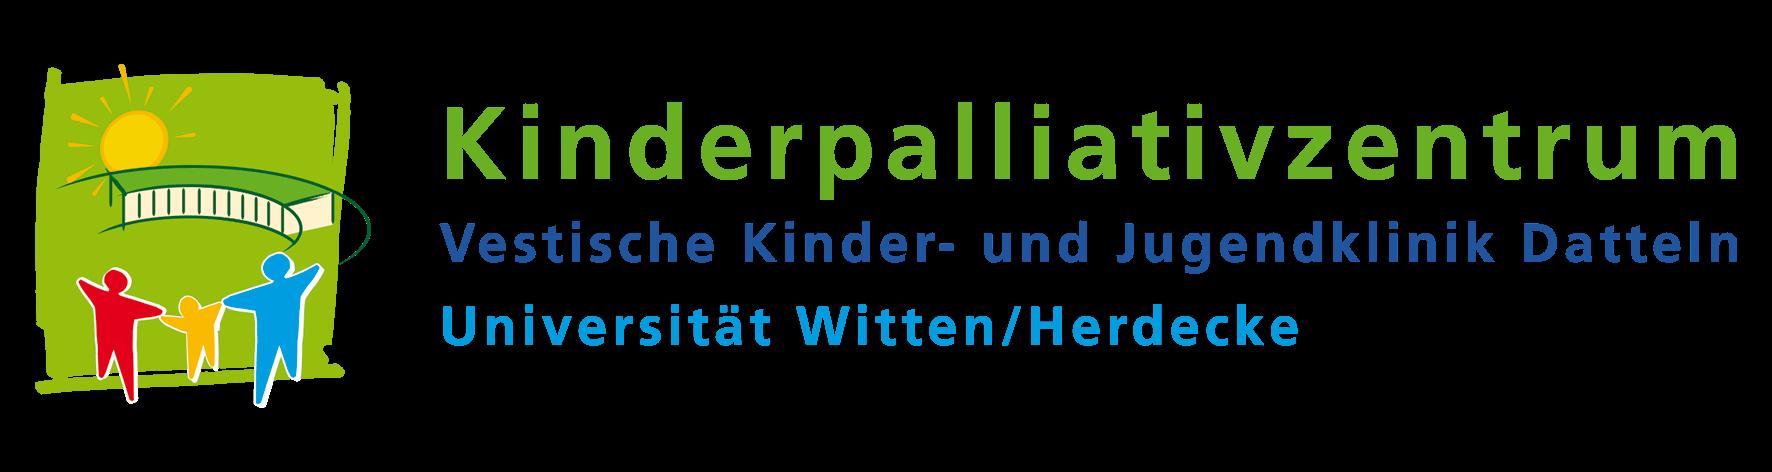 Kinderpalliativzentrum Datteln